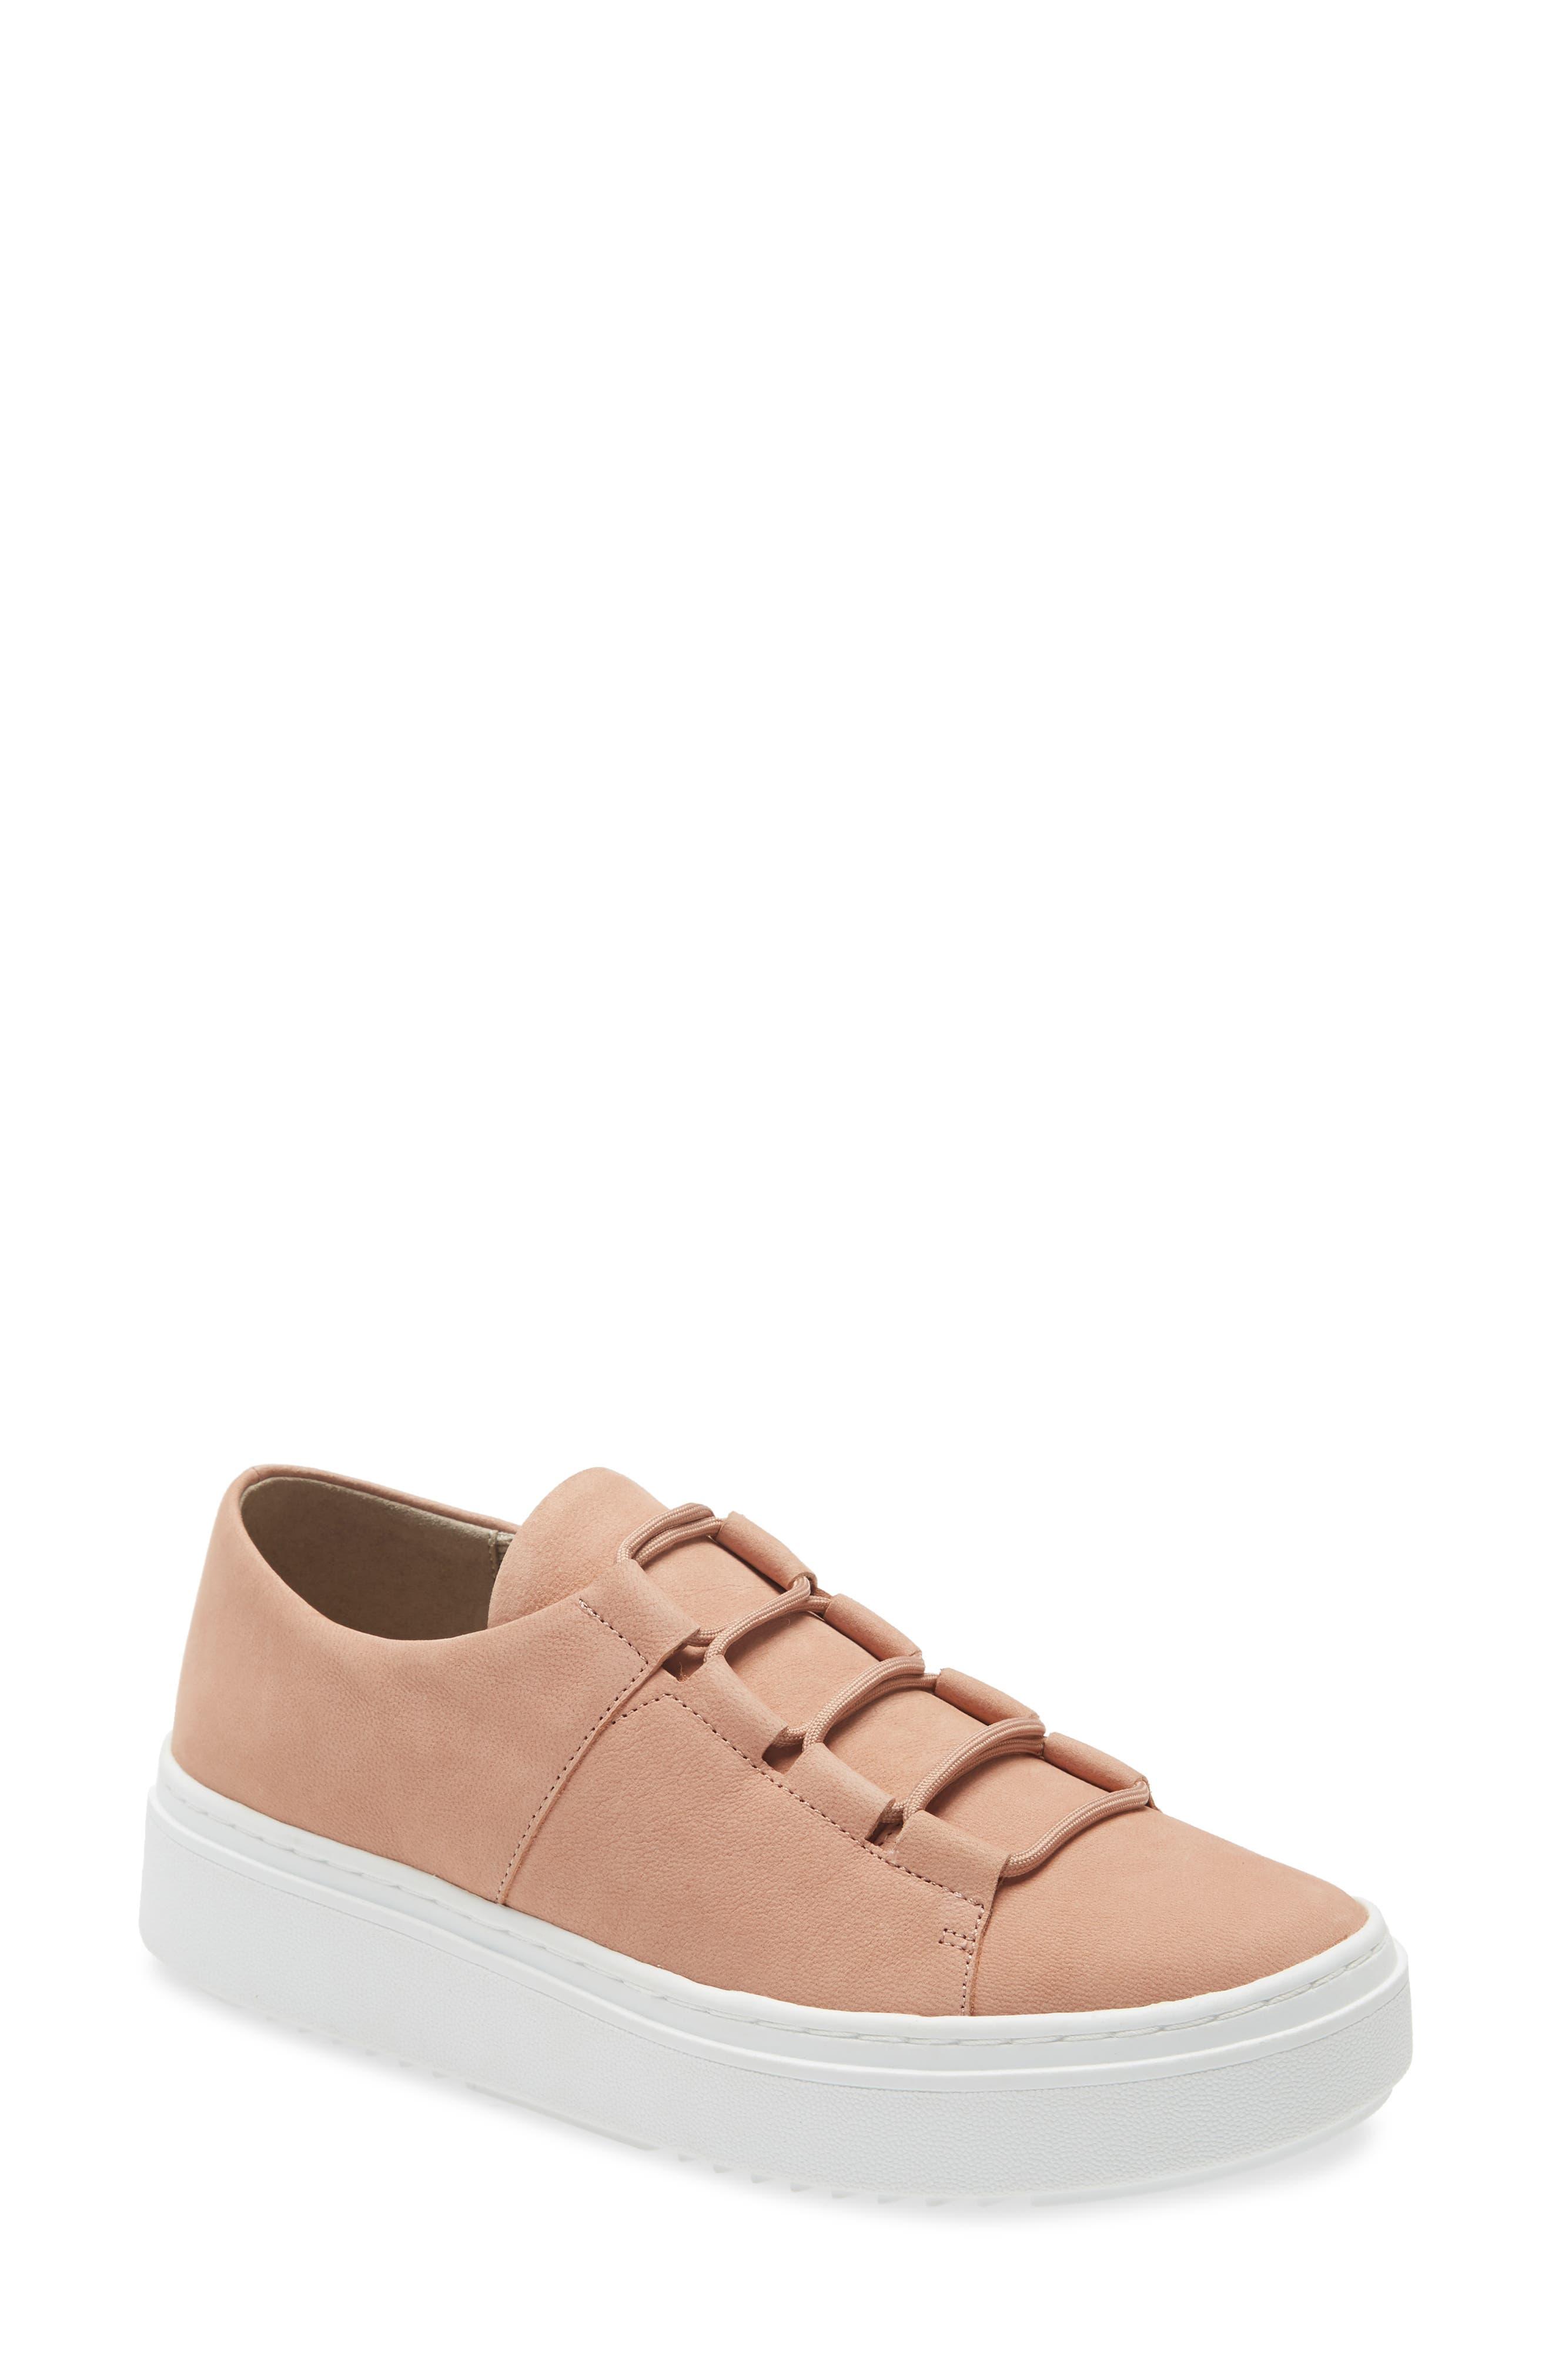 Image of Eileen Fisher Prescot Platform Sneaker